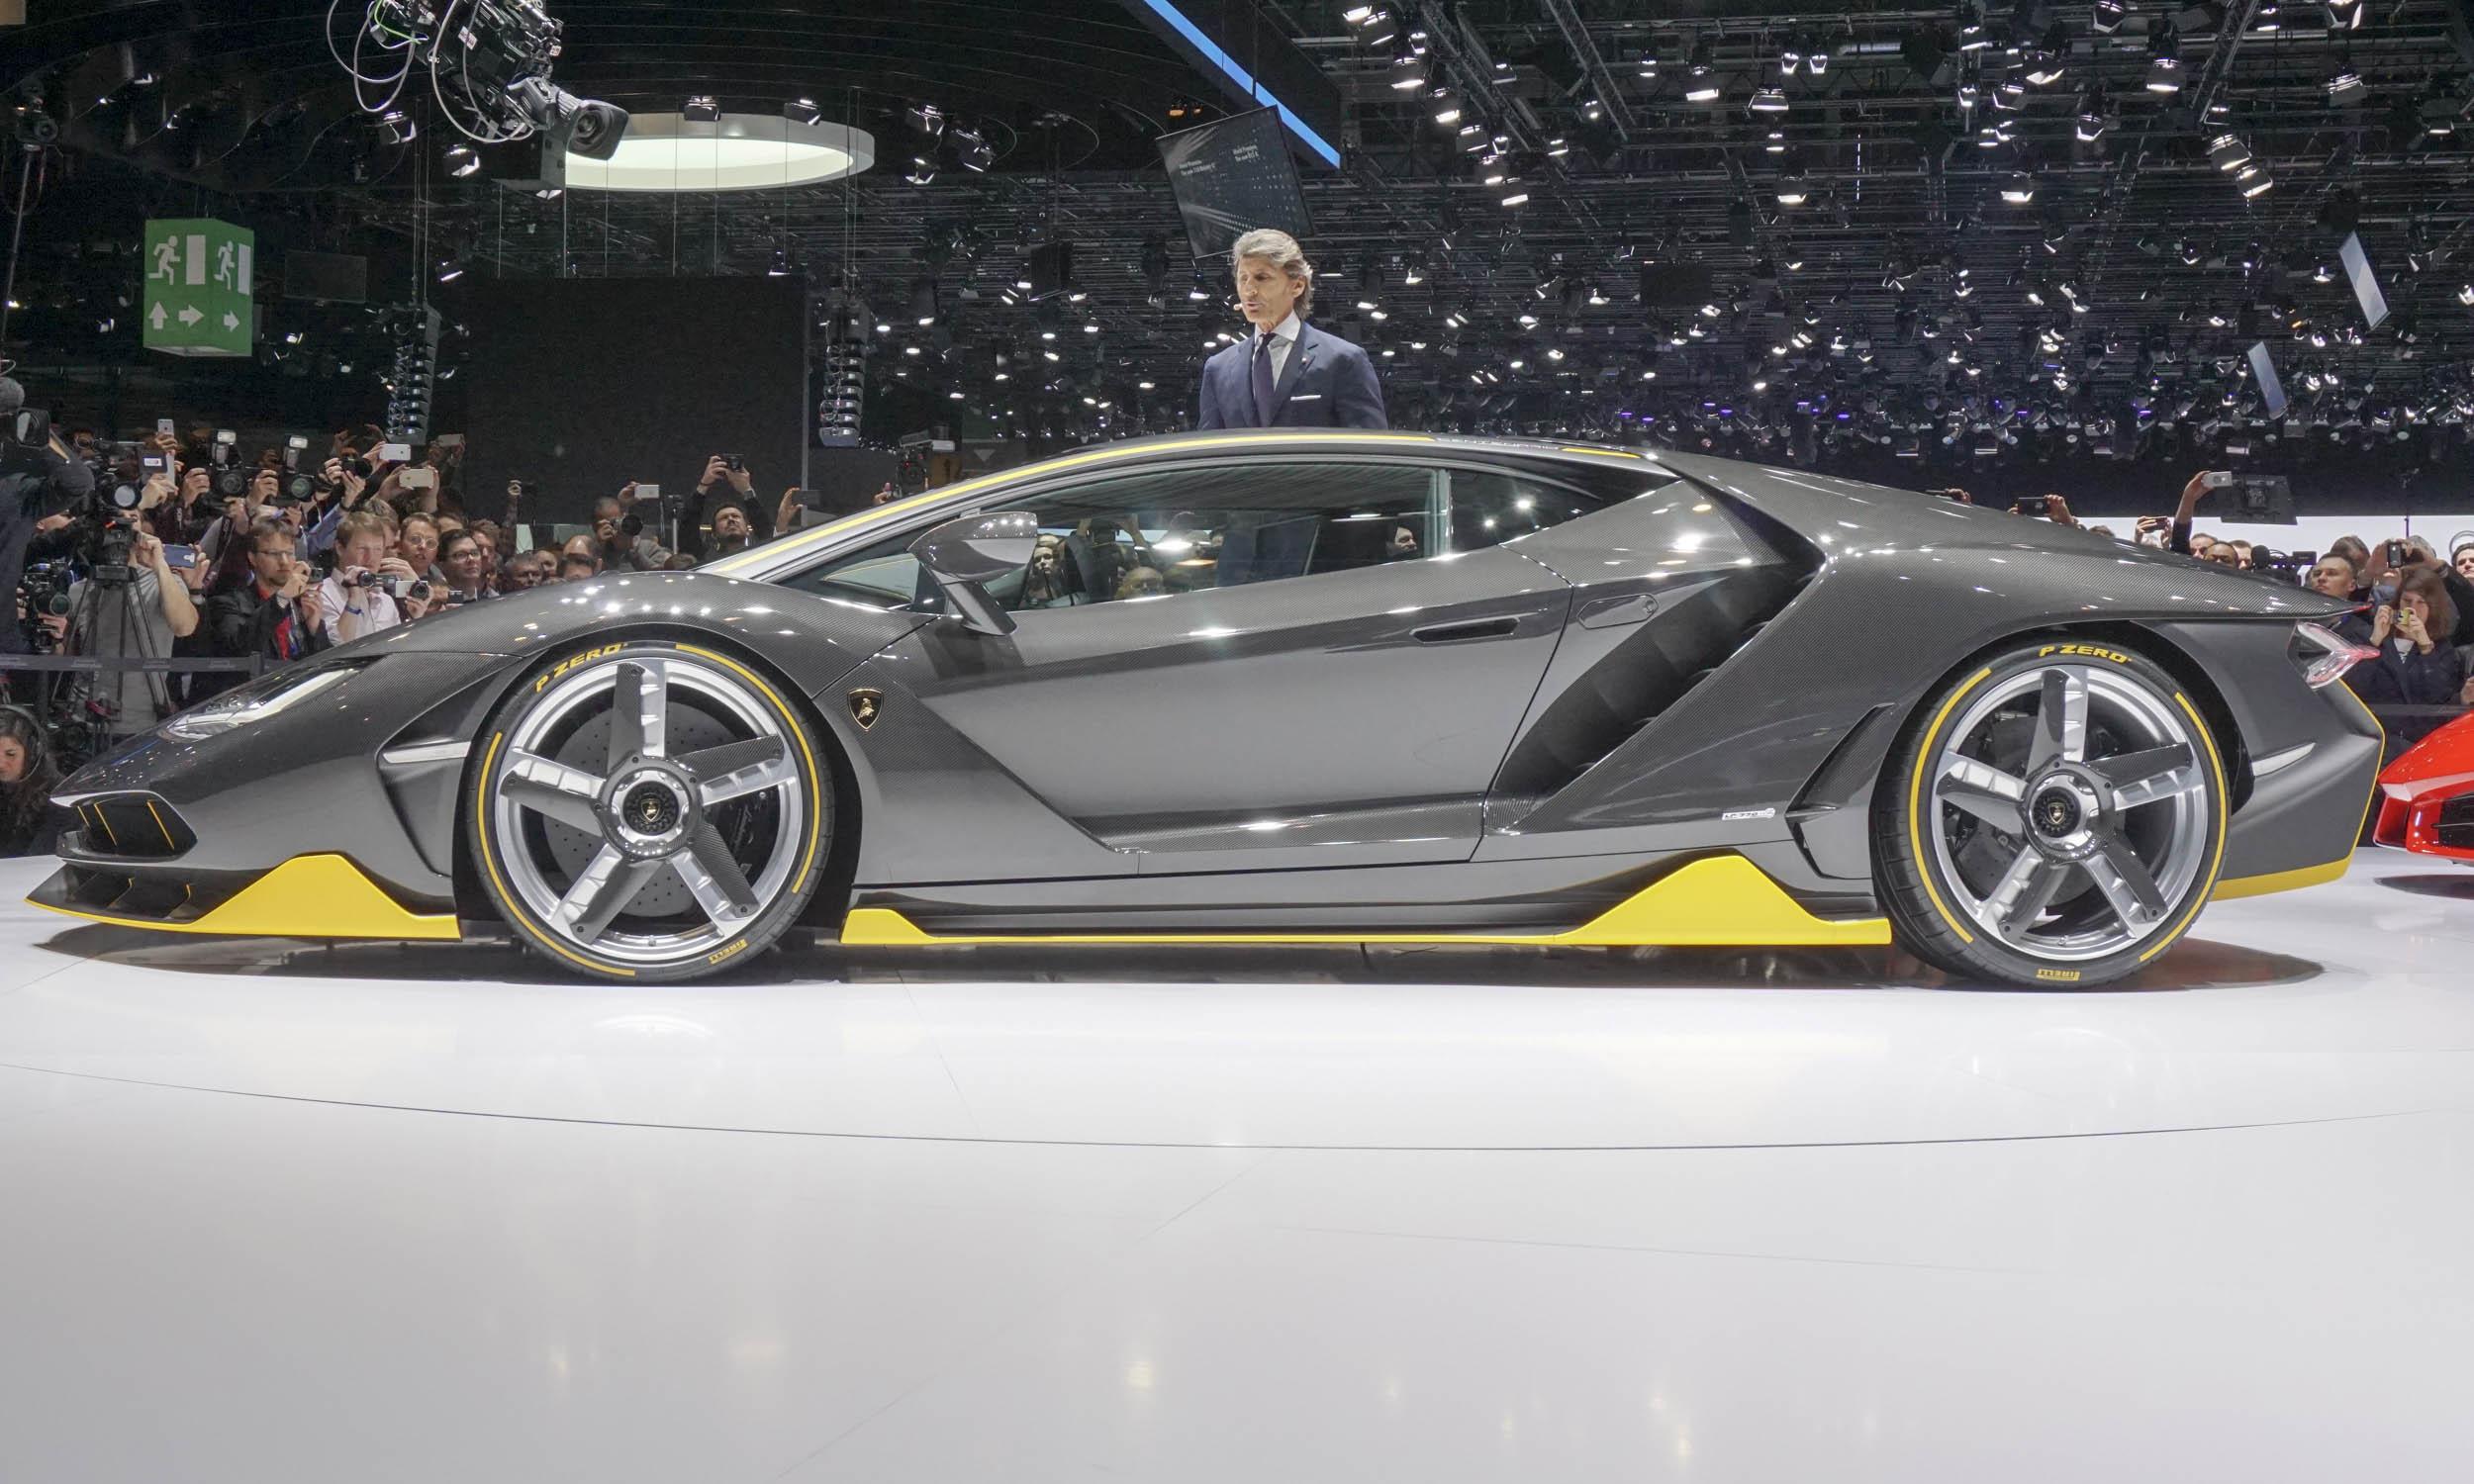 Lamborghini-Centenario2 Cozy Lamborghini Countach 25th Anniversary Fiche Technique Cars Trend